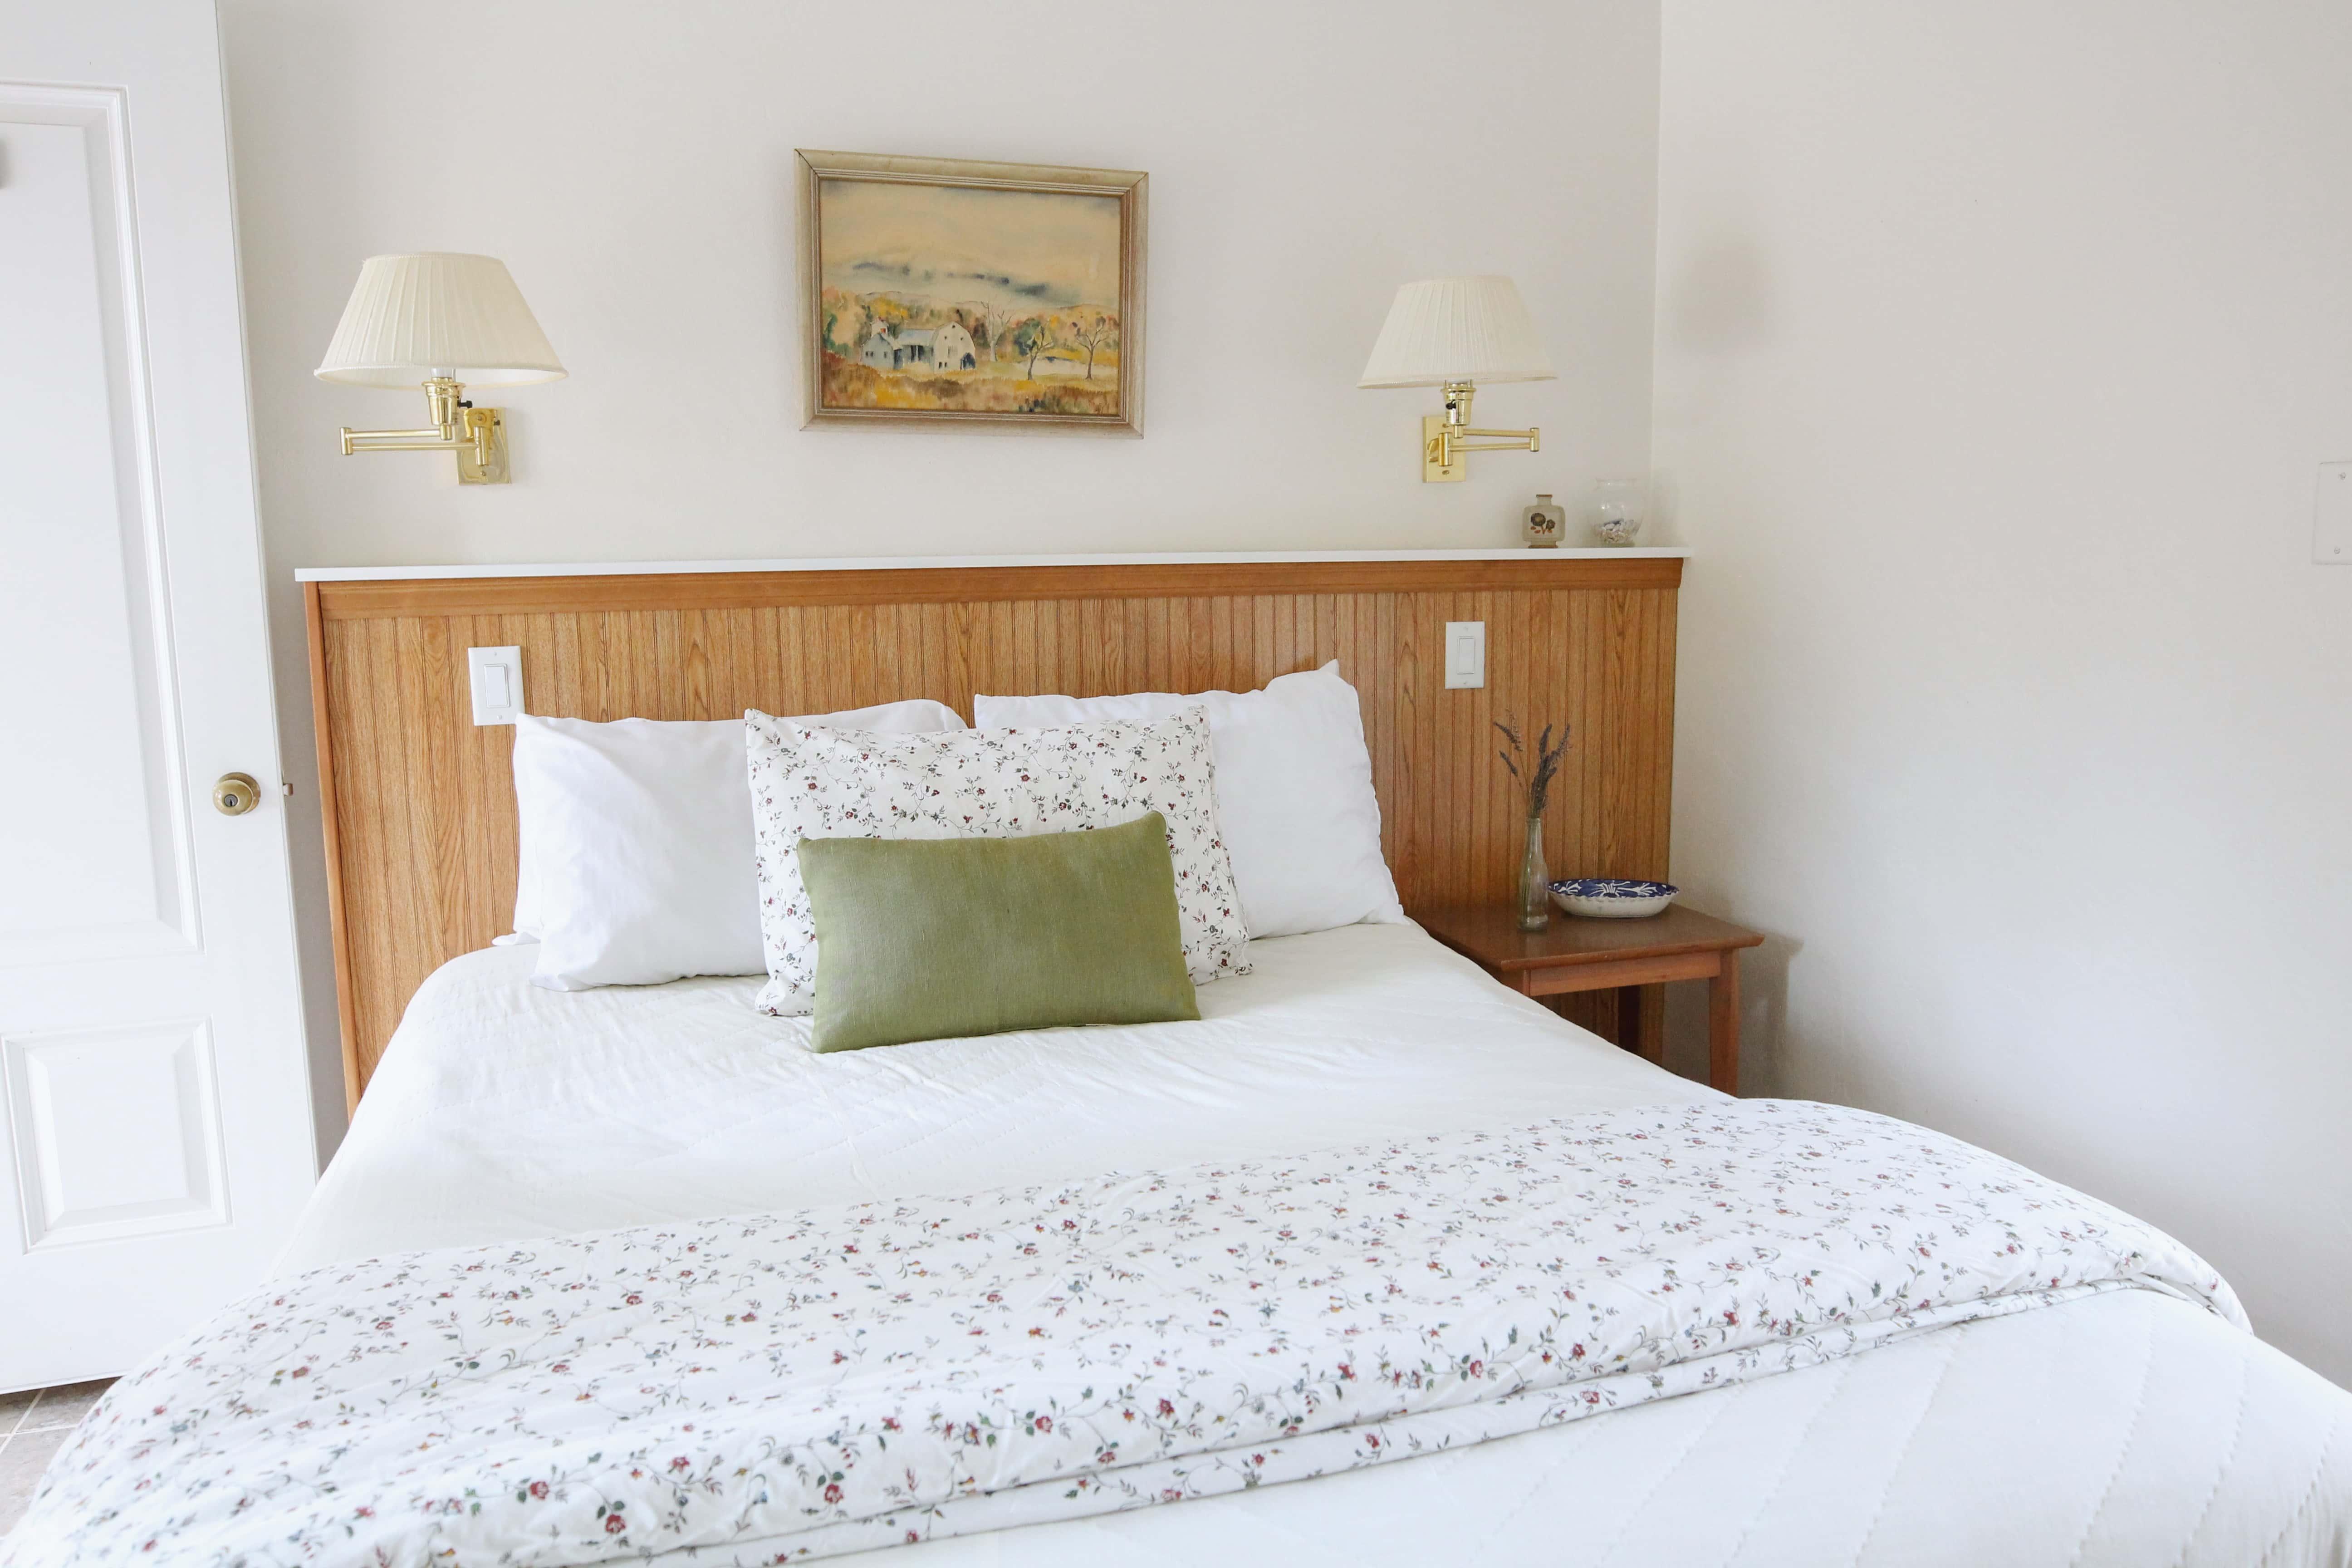 Emerald Valley Inn - Pine Room Queen Bed